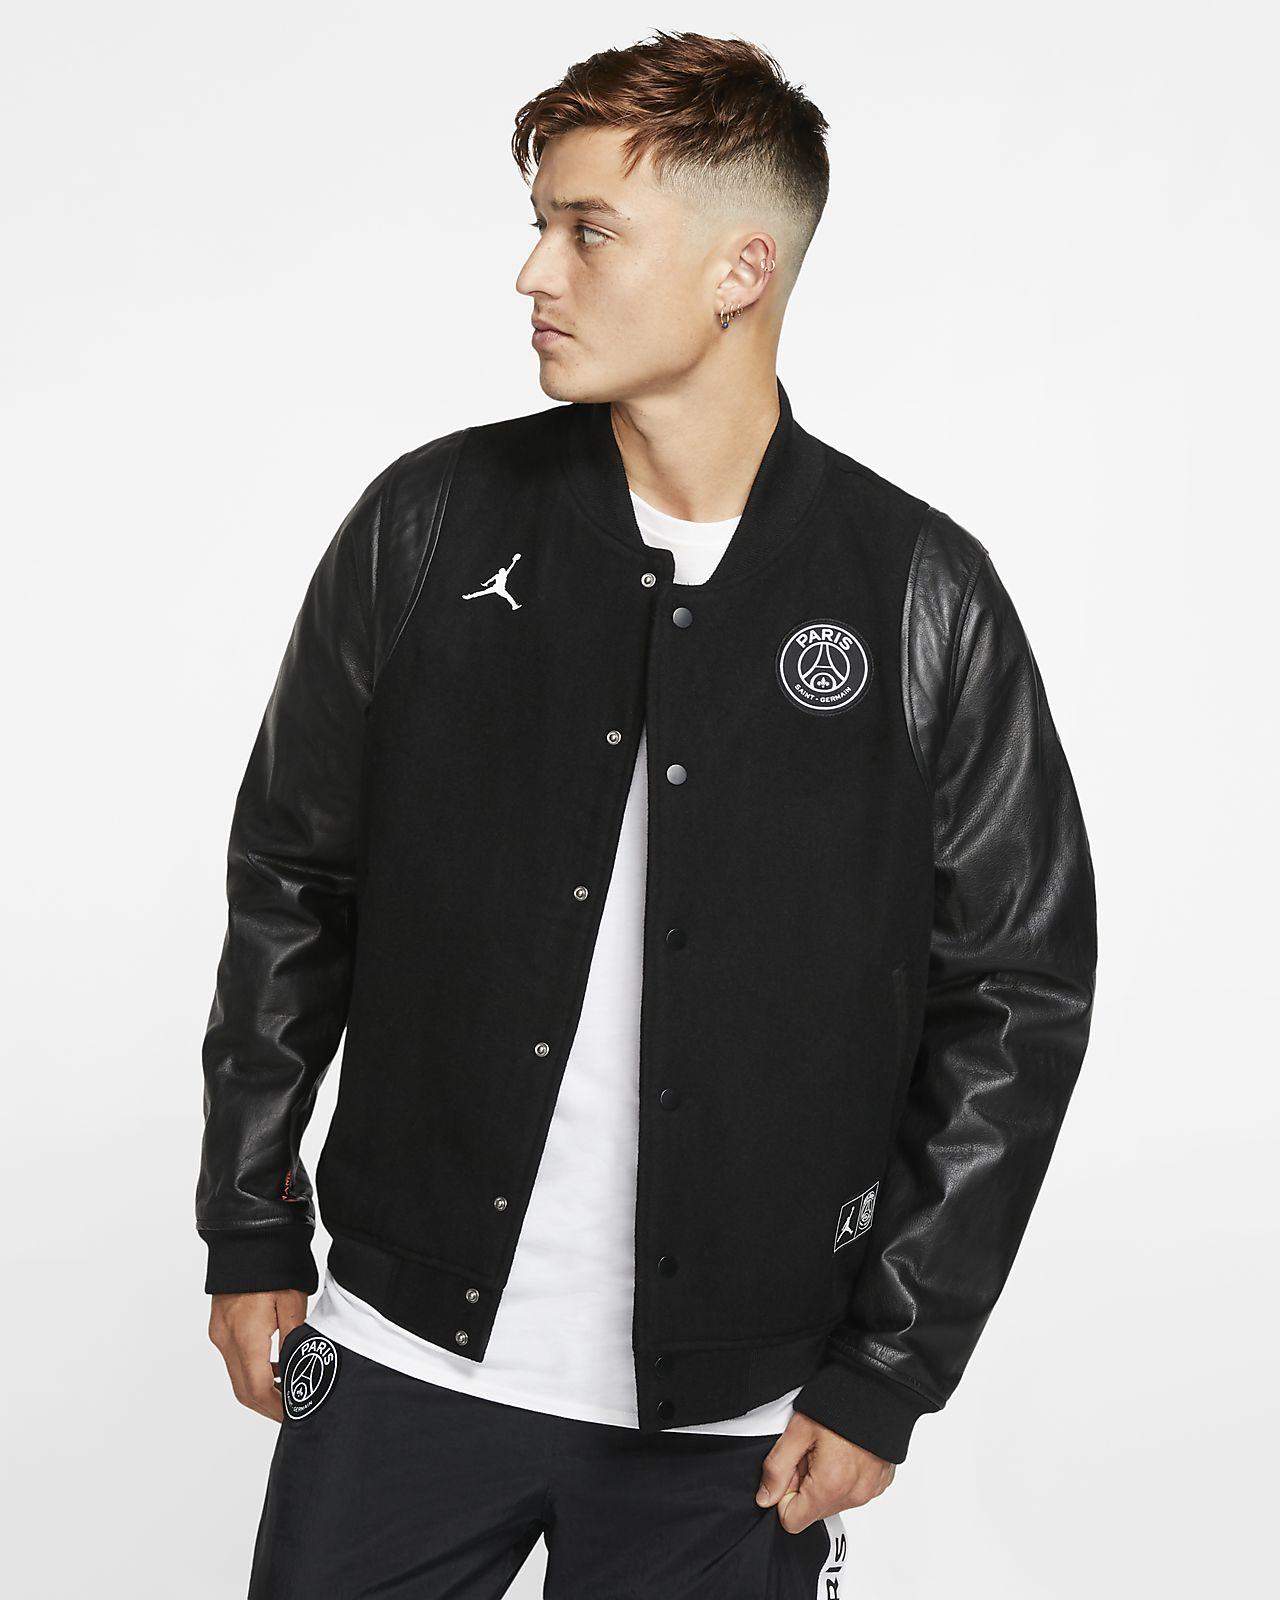 PSG Men's Varsity Jacket